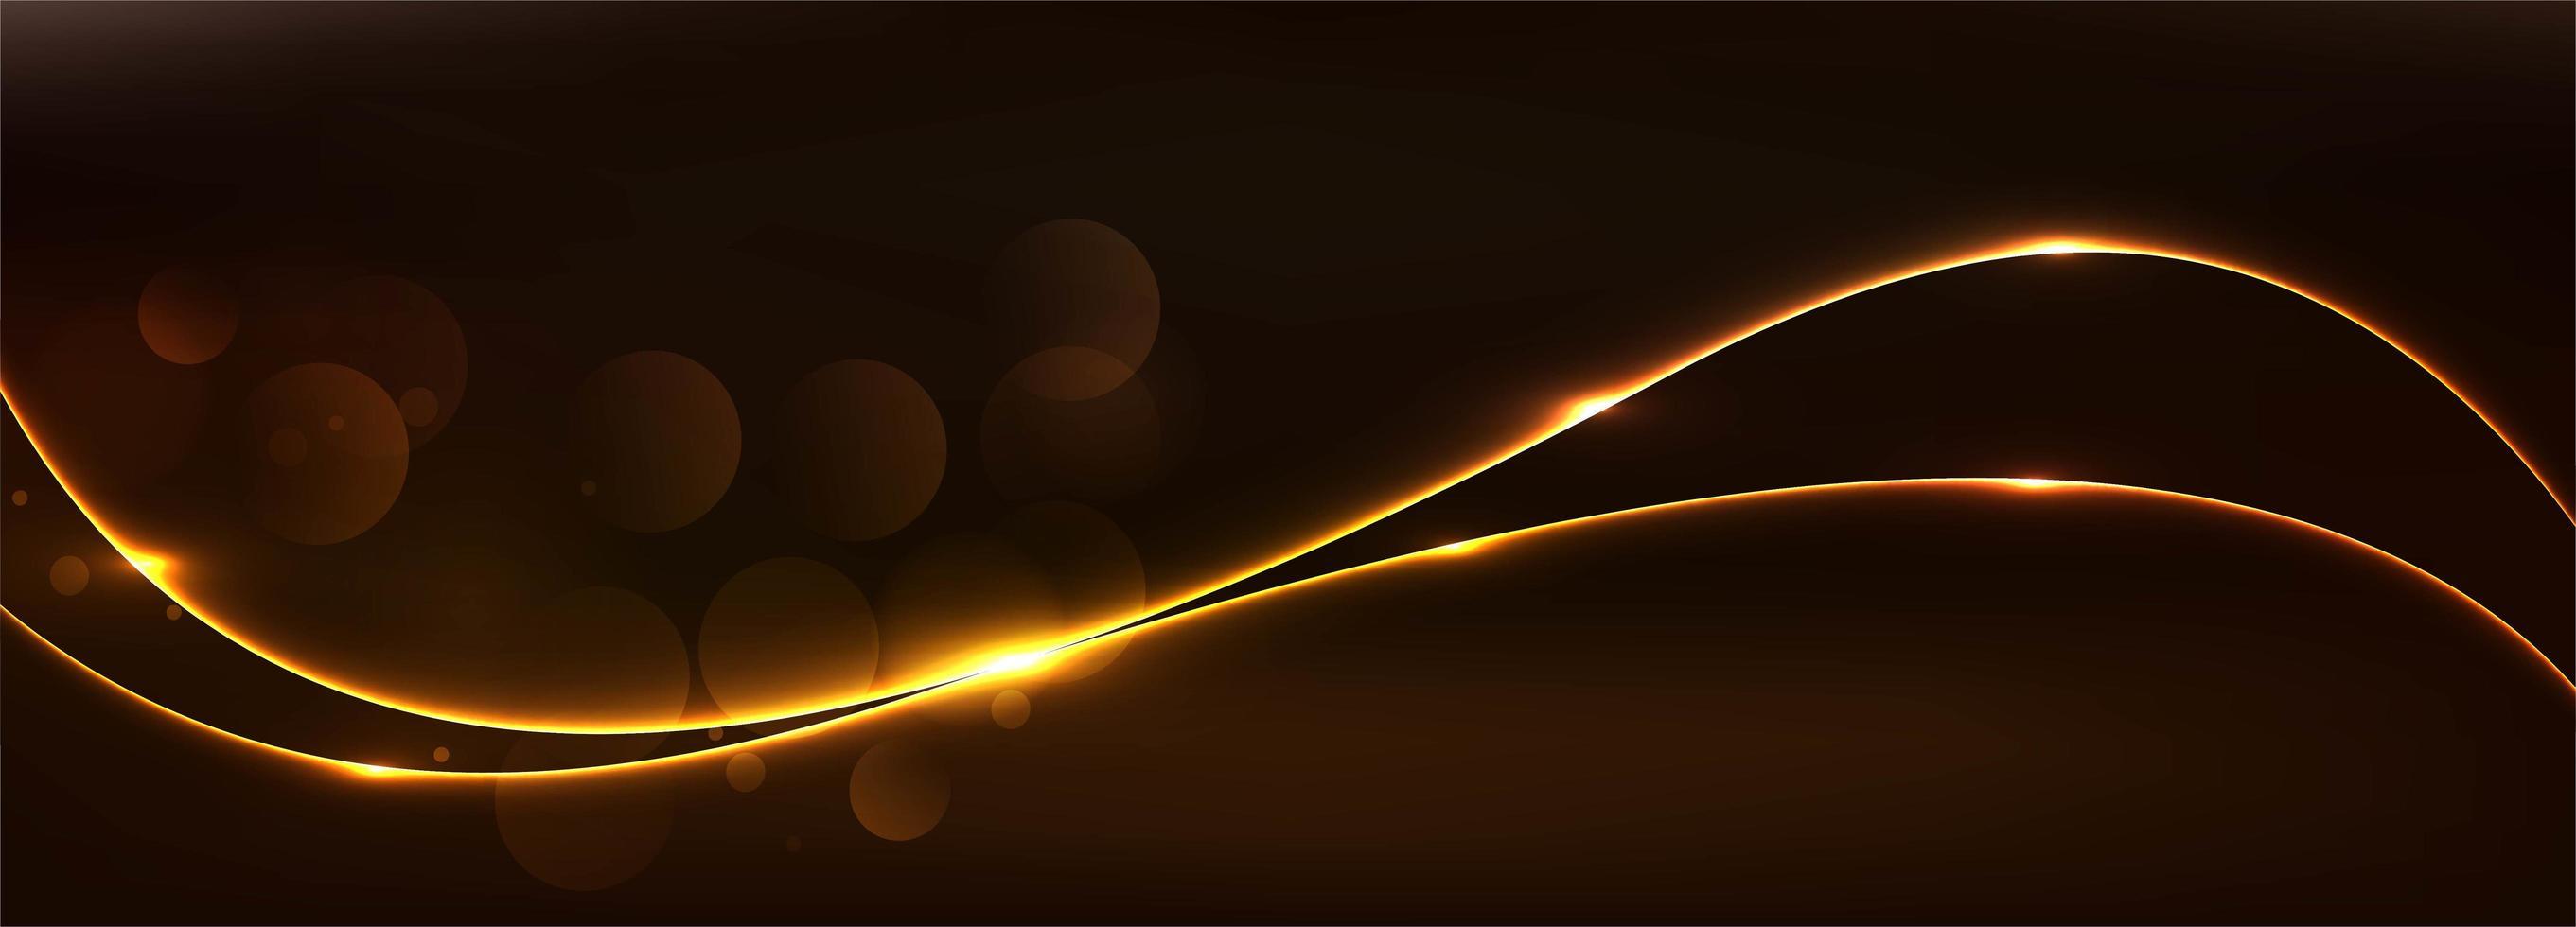 bannière abstraite vague rougeoyante dorée vecteur